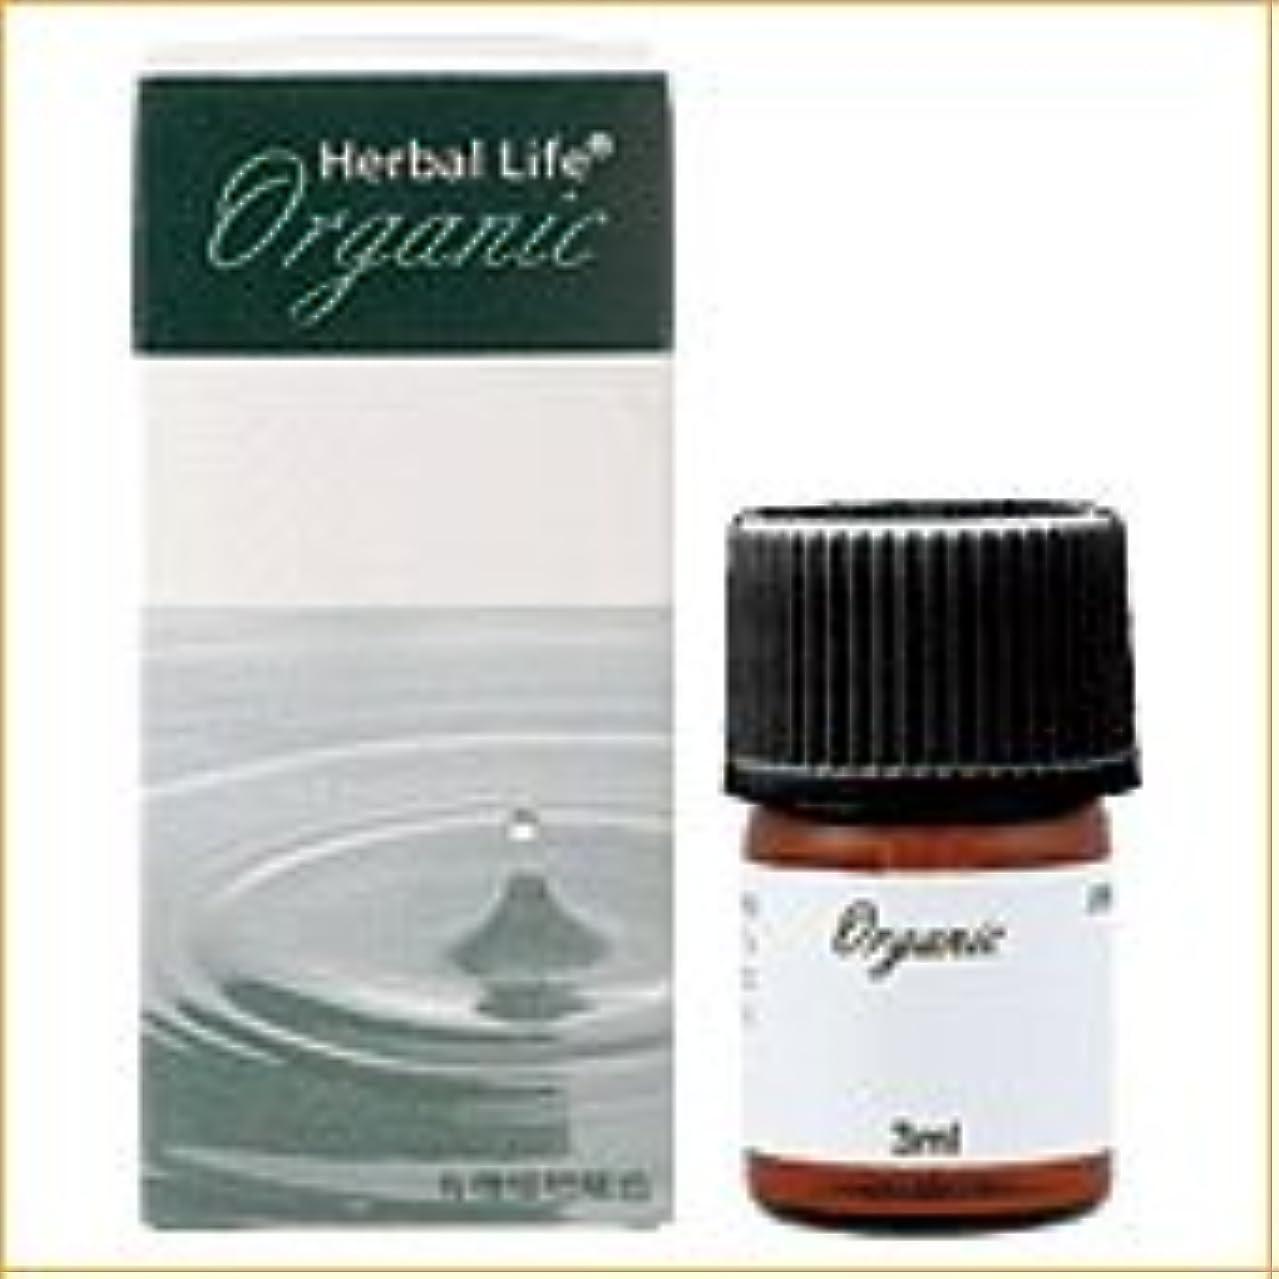 配置オゾン完全に生活の木 オーガニックエッセンシャルオイル ORG ジュニパー 精油 3ml (Tree of Life Organic Essential Oil/オーガニック エッセンシャルオイル)